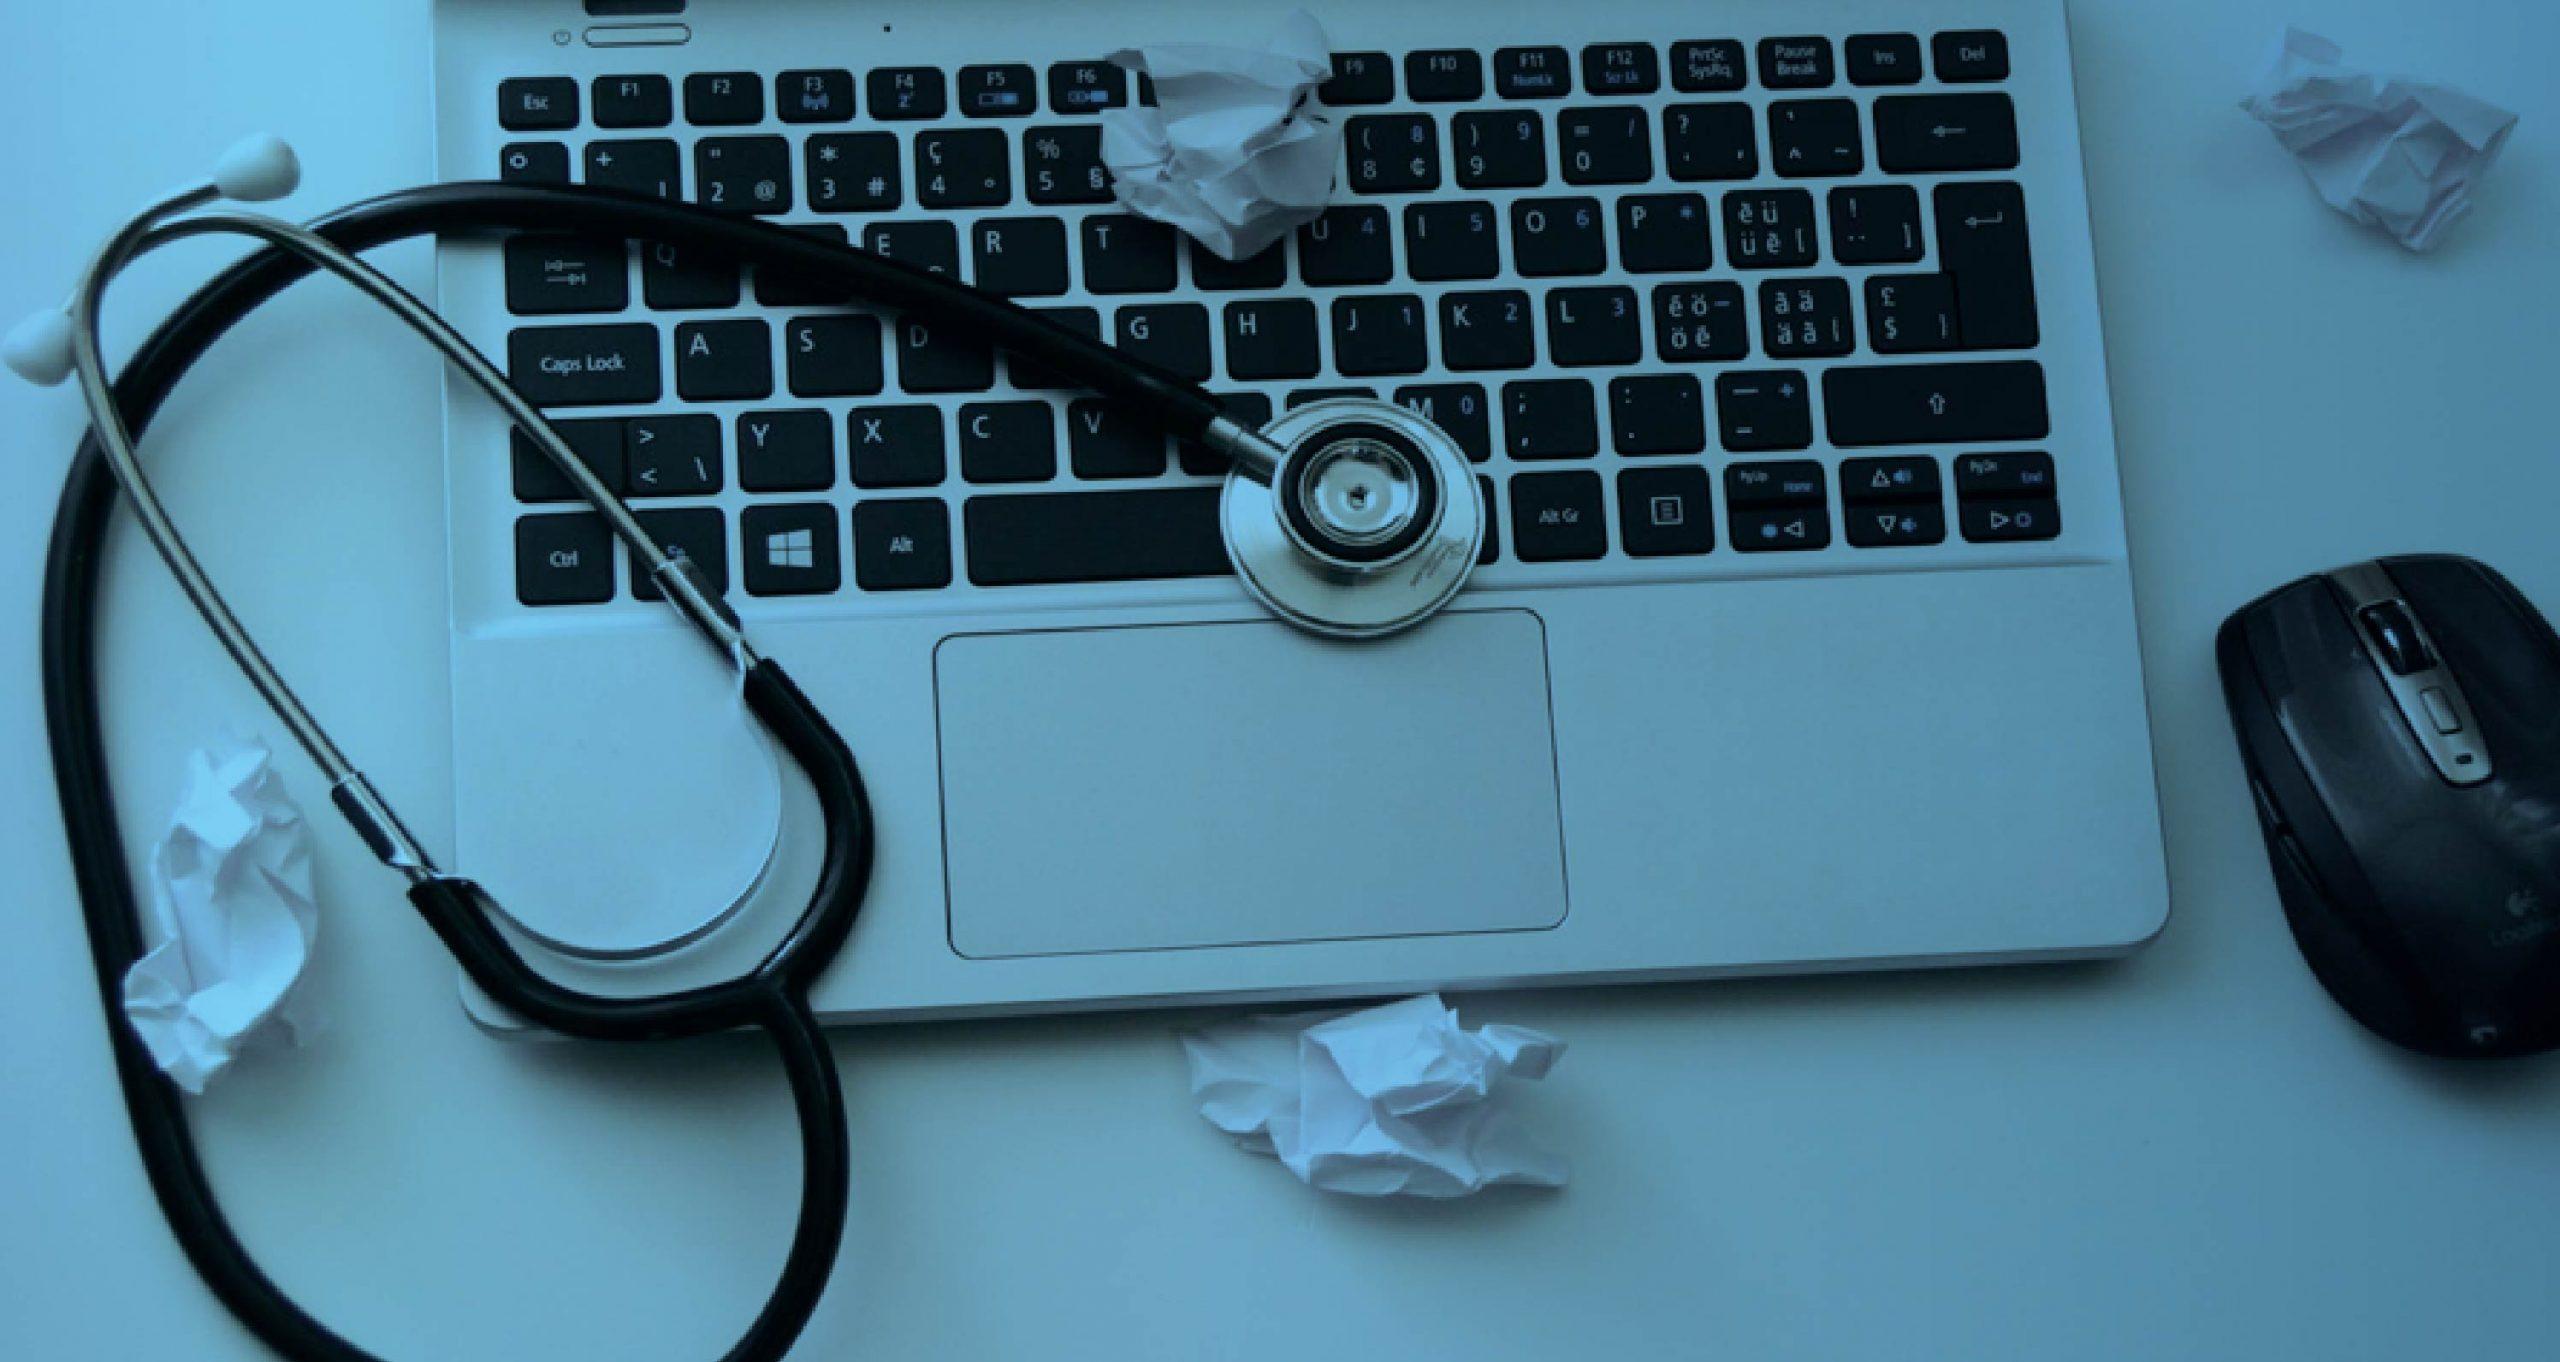 چطور نسل جدید محاسبات موبایل حوزه مراقبت از سلامت را متحول میکند